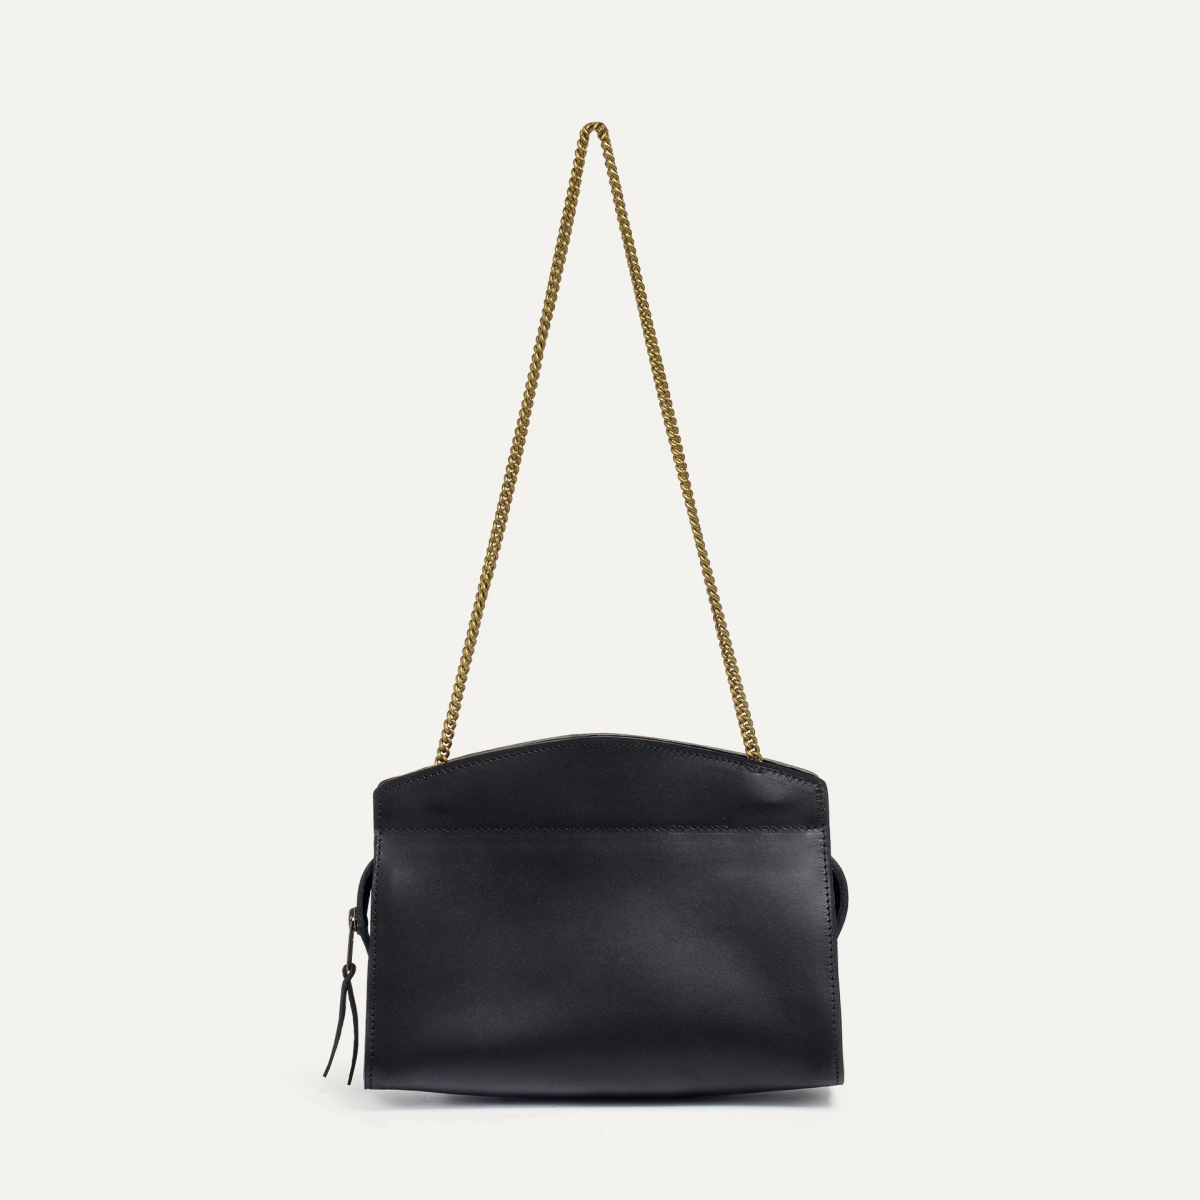 ORIGAMI S zipped clutch - Black (image n°1)